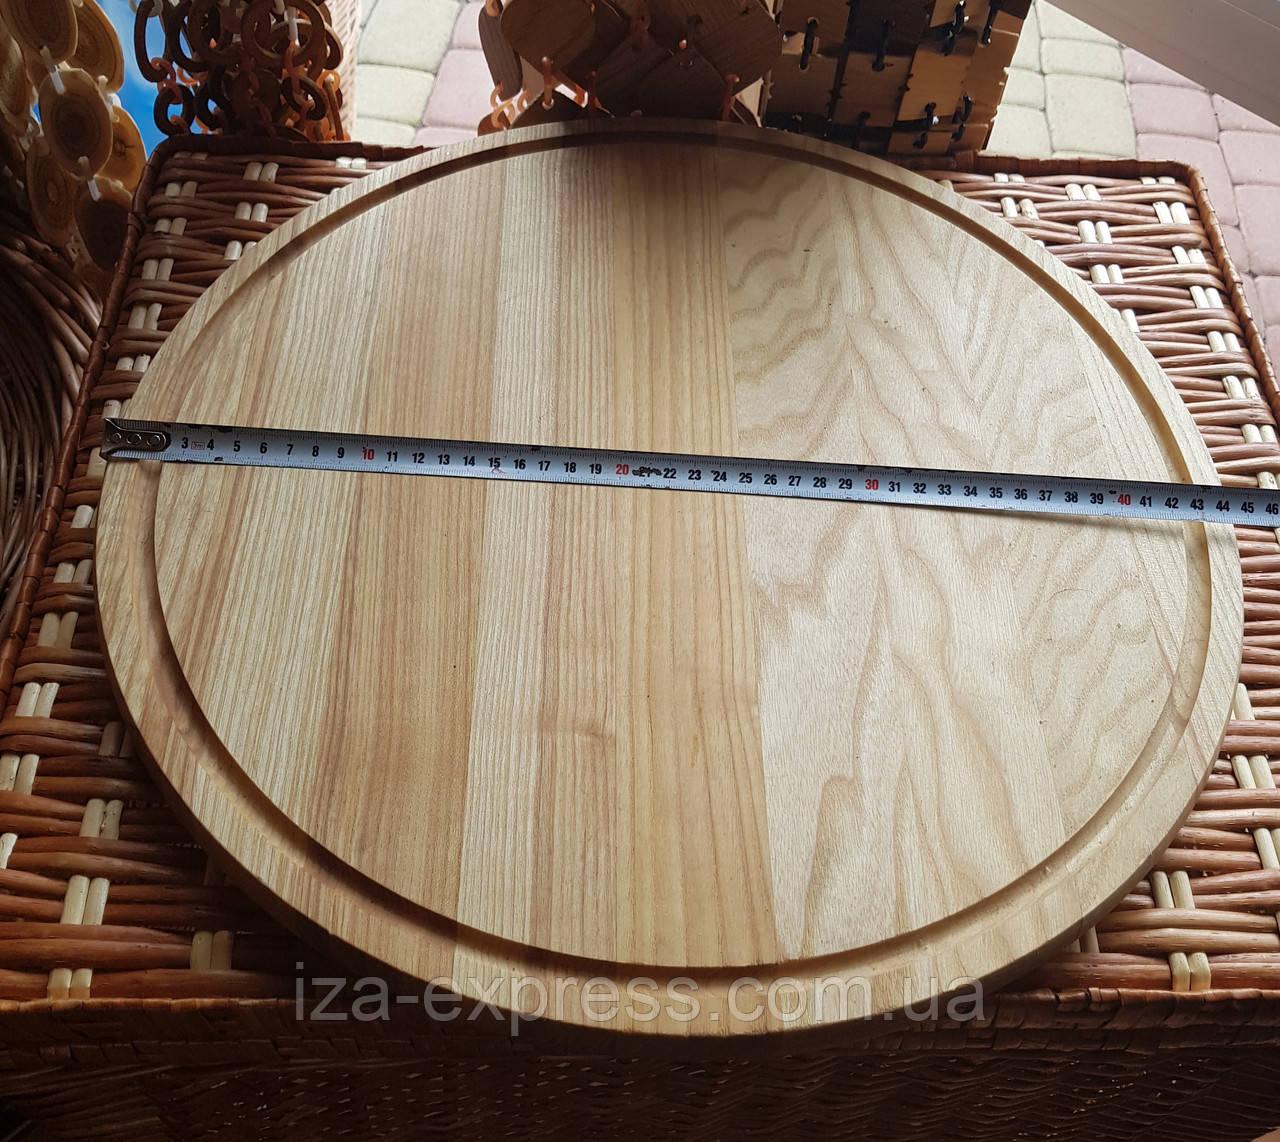 Доска разделочная деревянная круглая 44см для пиццы